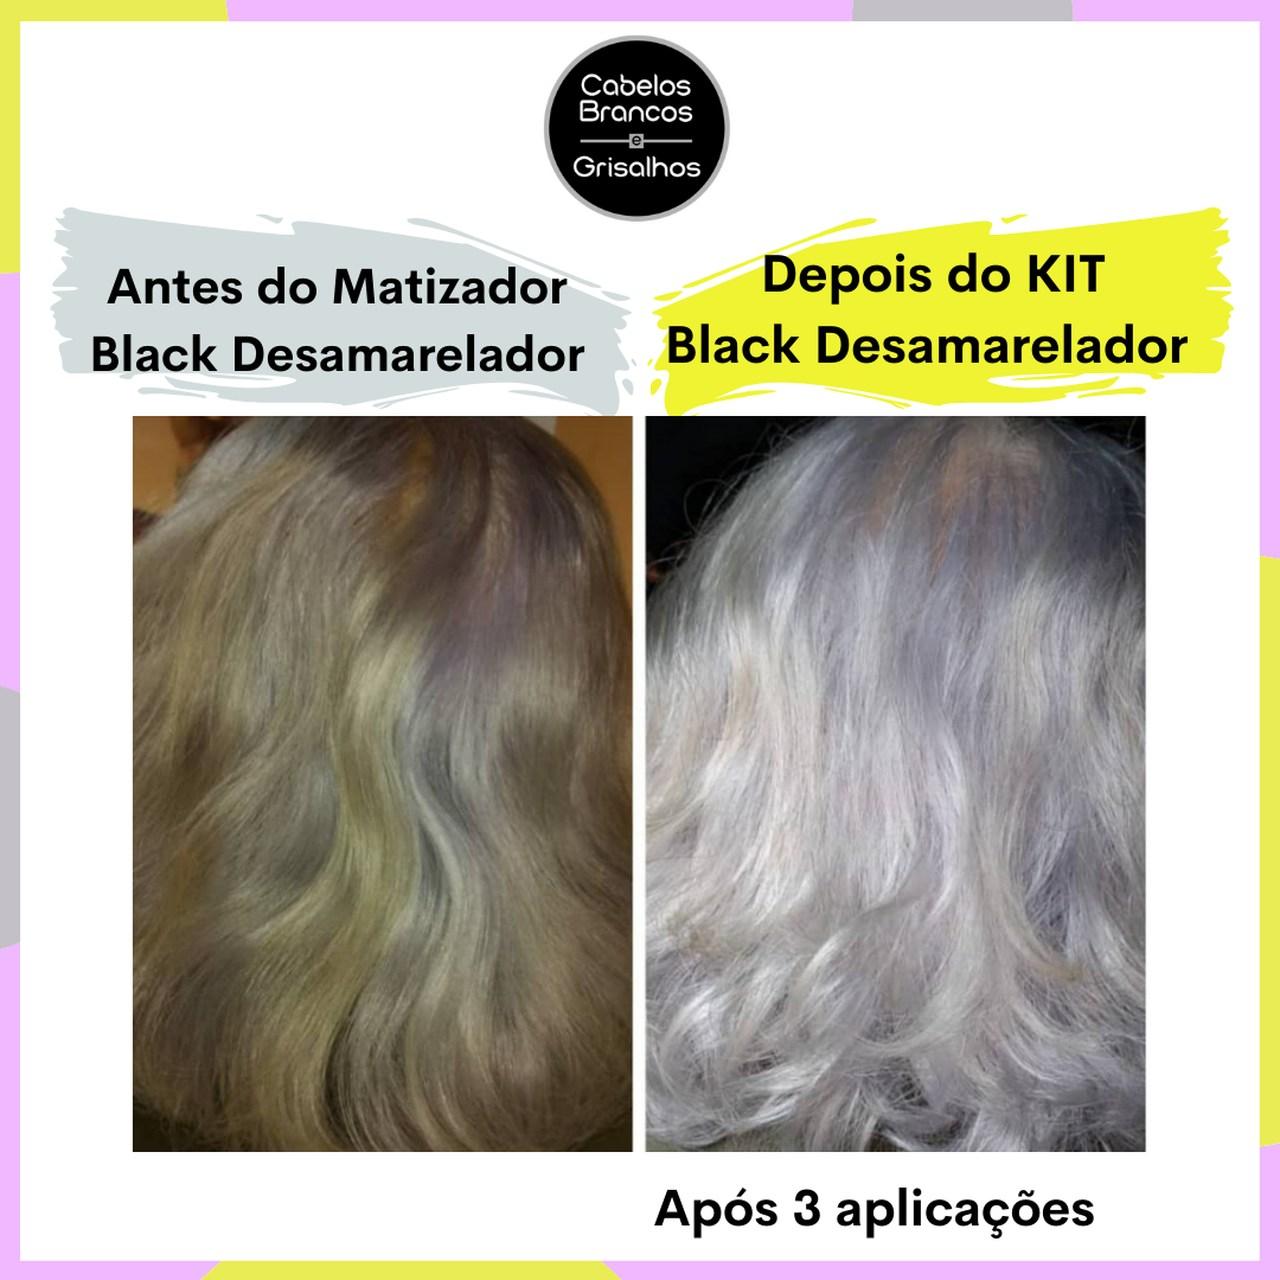 Shampoo Cabelos Grisalhos, Condicionador e Matizador Desamarelador para Cabelos Brancos e Grisalhos - (Kit Black Desamarelador 3 passos)